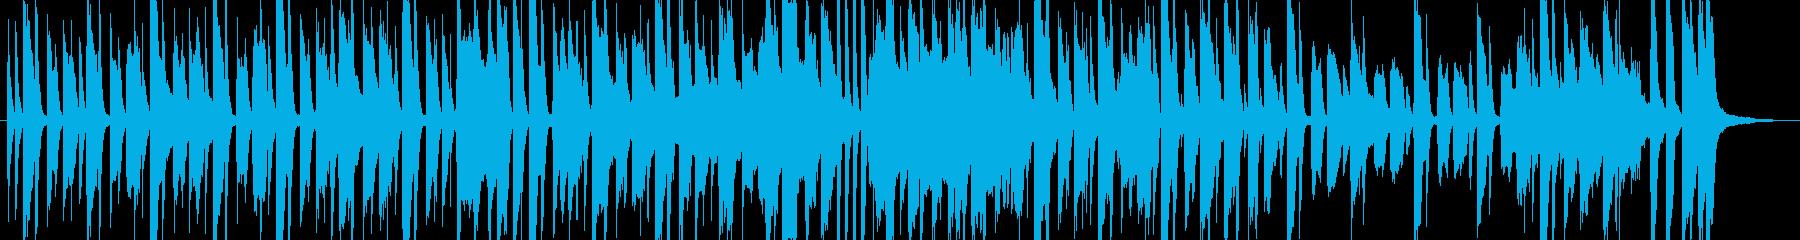 【劇伴】日常の会話シーン_ポップの再生済みの波形